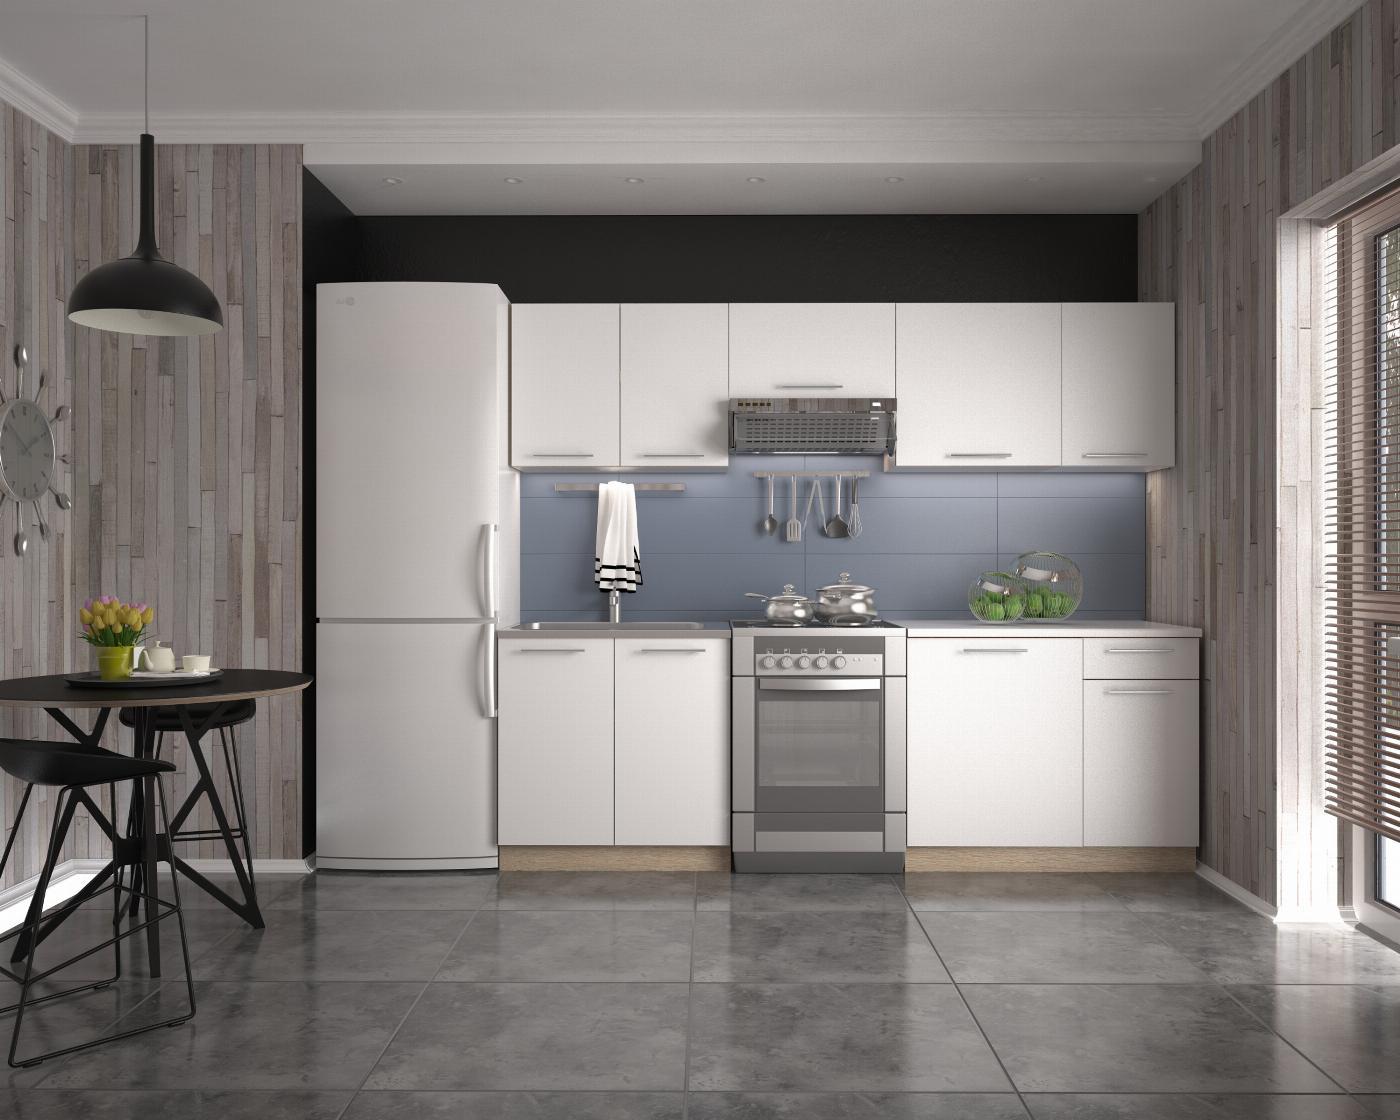 DARIA 240 kuchnia zestaw korpus: dąb sonoma, fronty: białe (11p=1kpl)